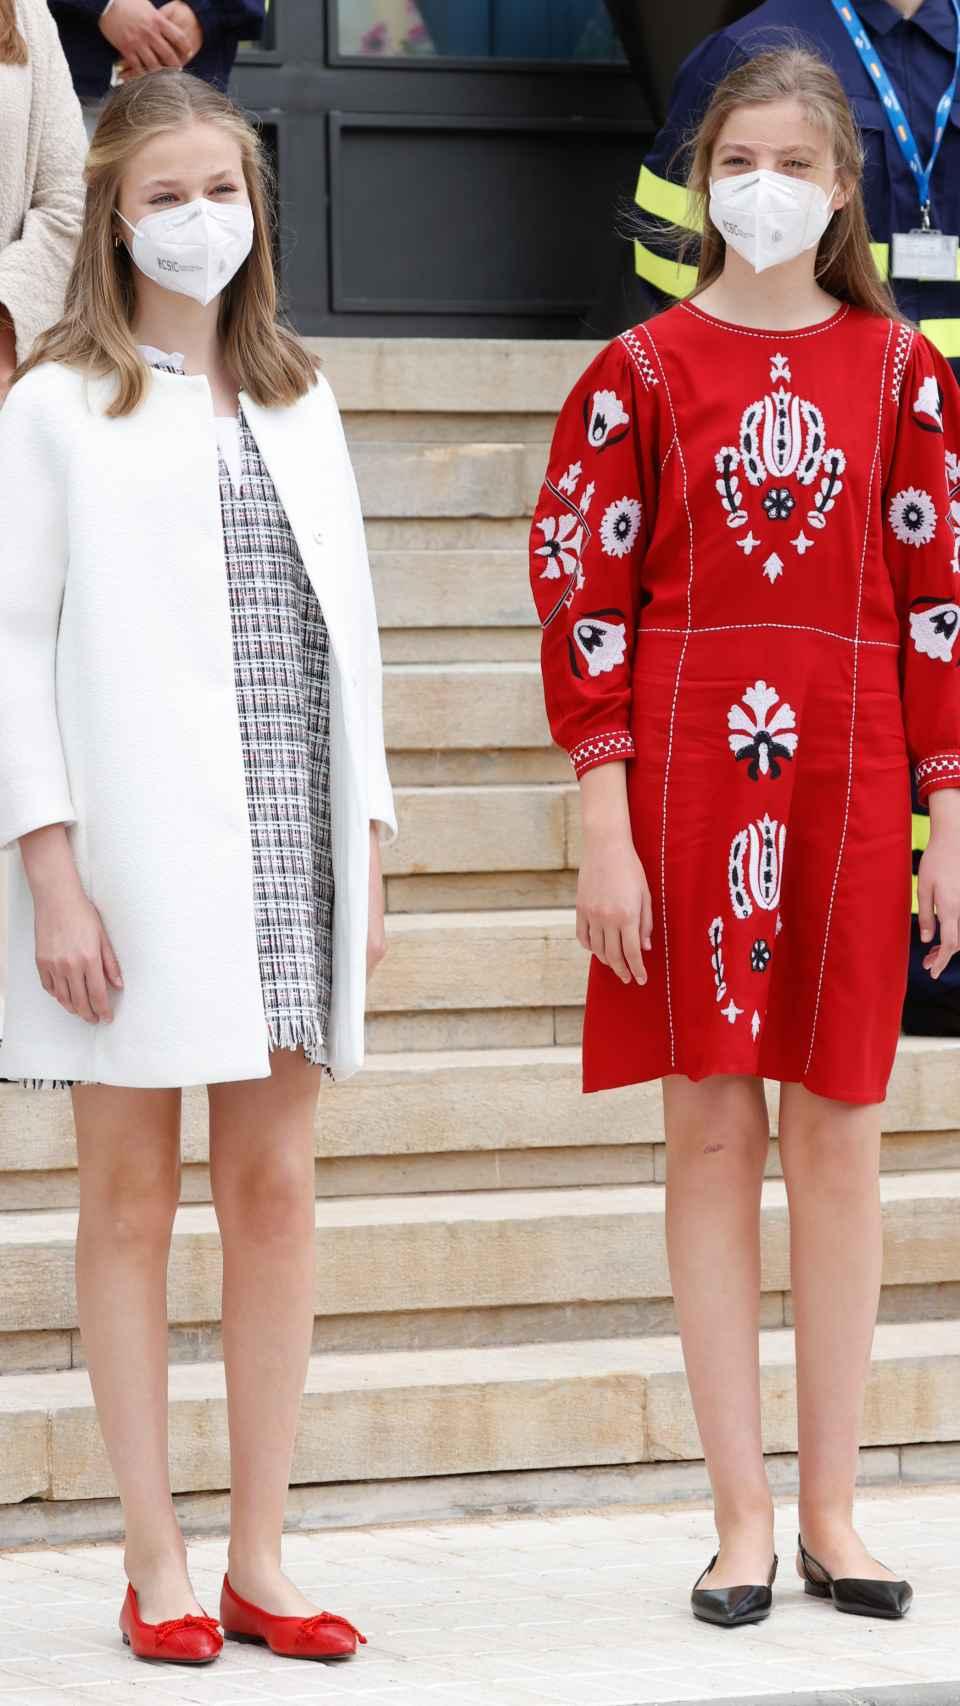 La princesa de Asturias luciendo el modelo Camelia Coco de Mathildas Shoes.